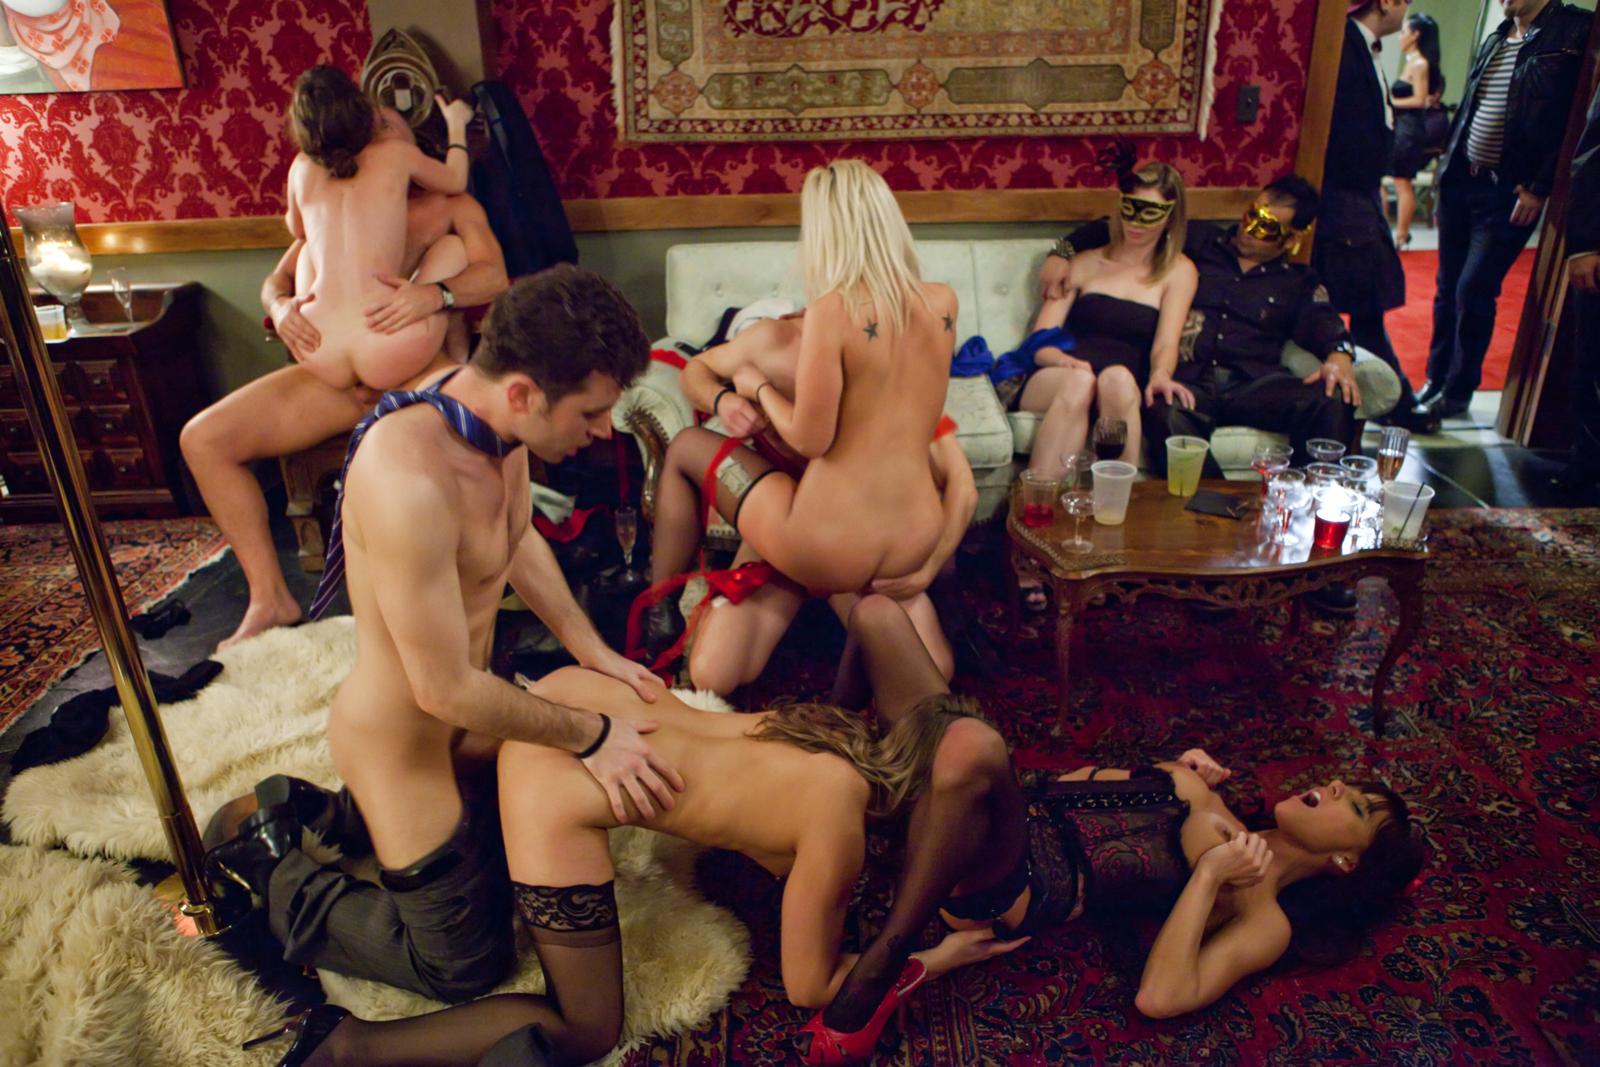 Секс безплатно в питера, Частные объявления в Санкт-Петербурге 7 фотография